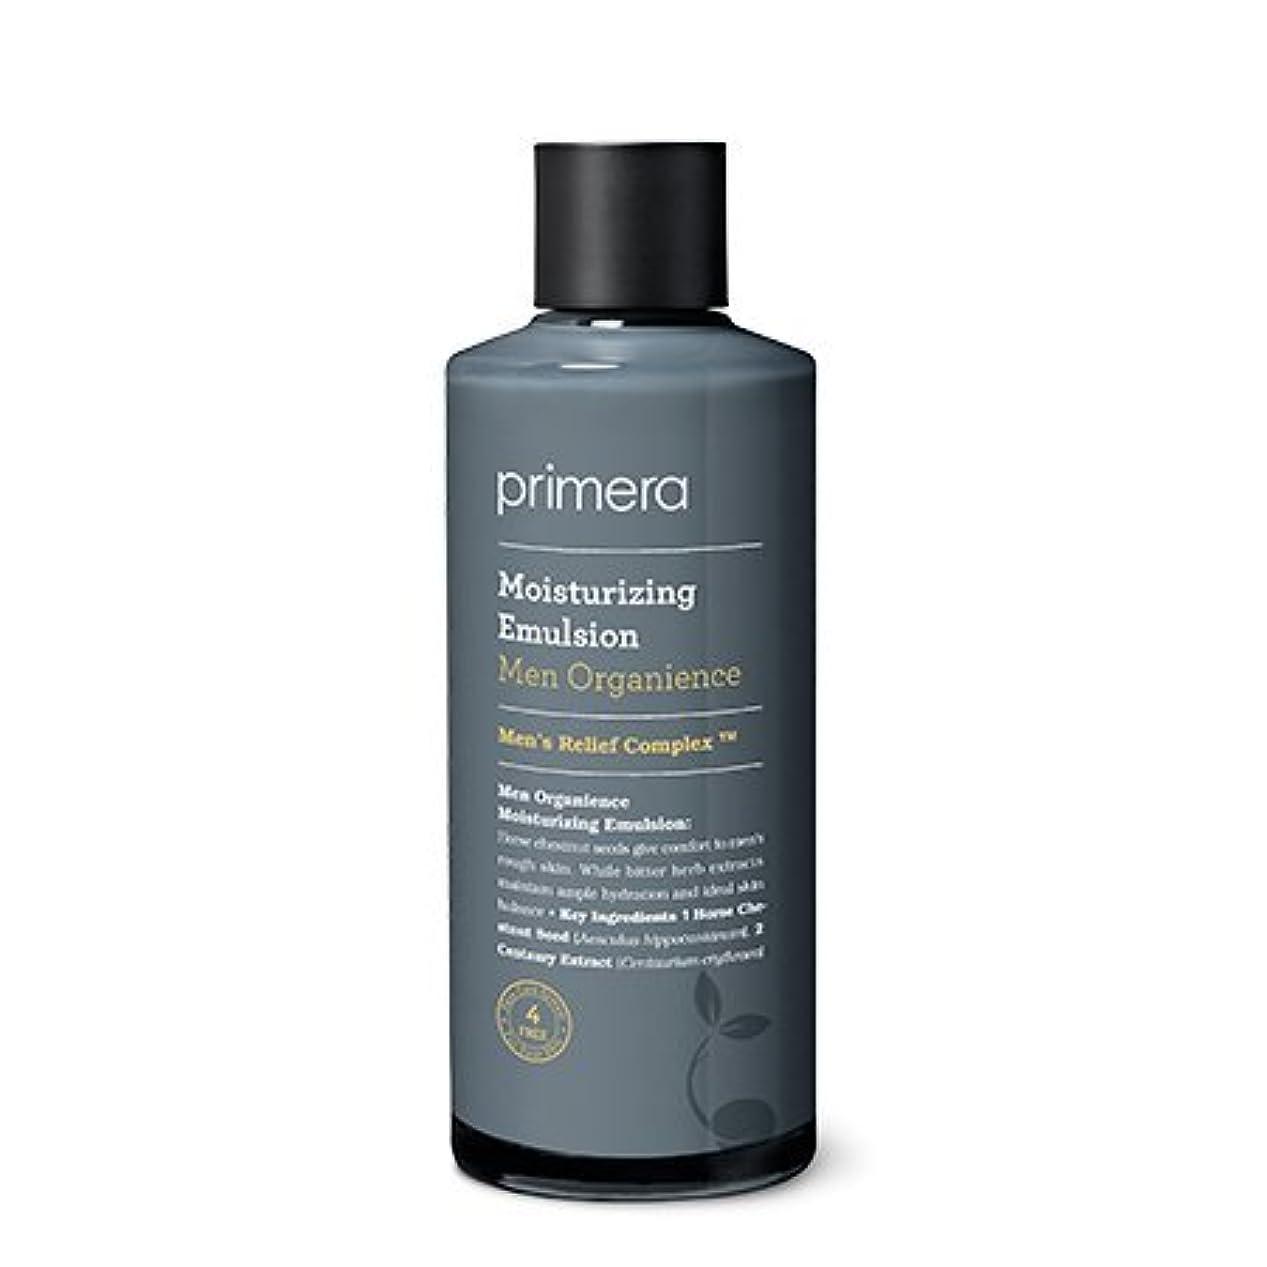 任意ミシン頑張る【Primera】Men Organience Moisturizing Emulsion - 150ml (韓国直送品) (SHOPPINGINSTAGRAM)